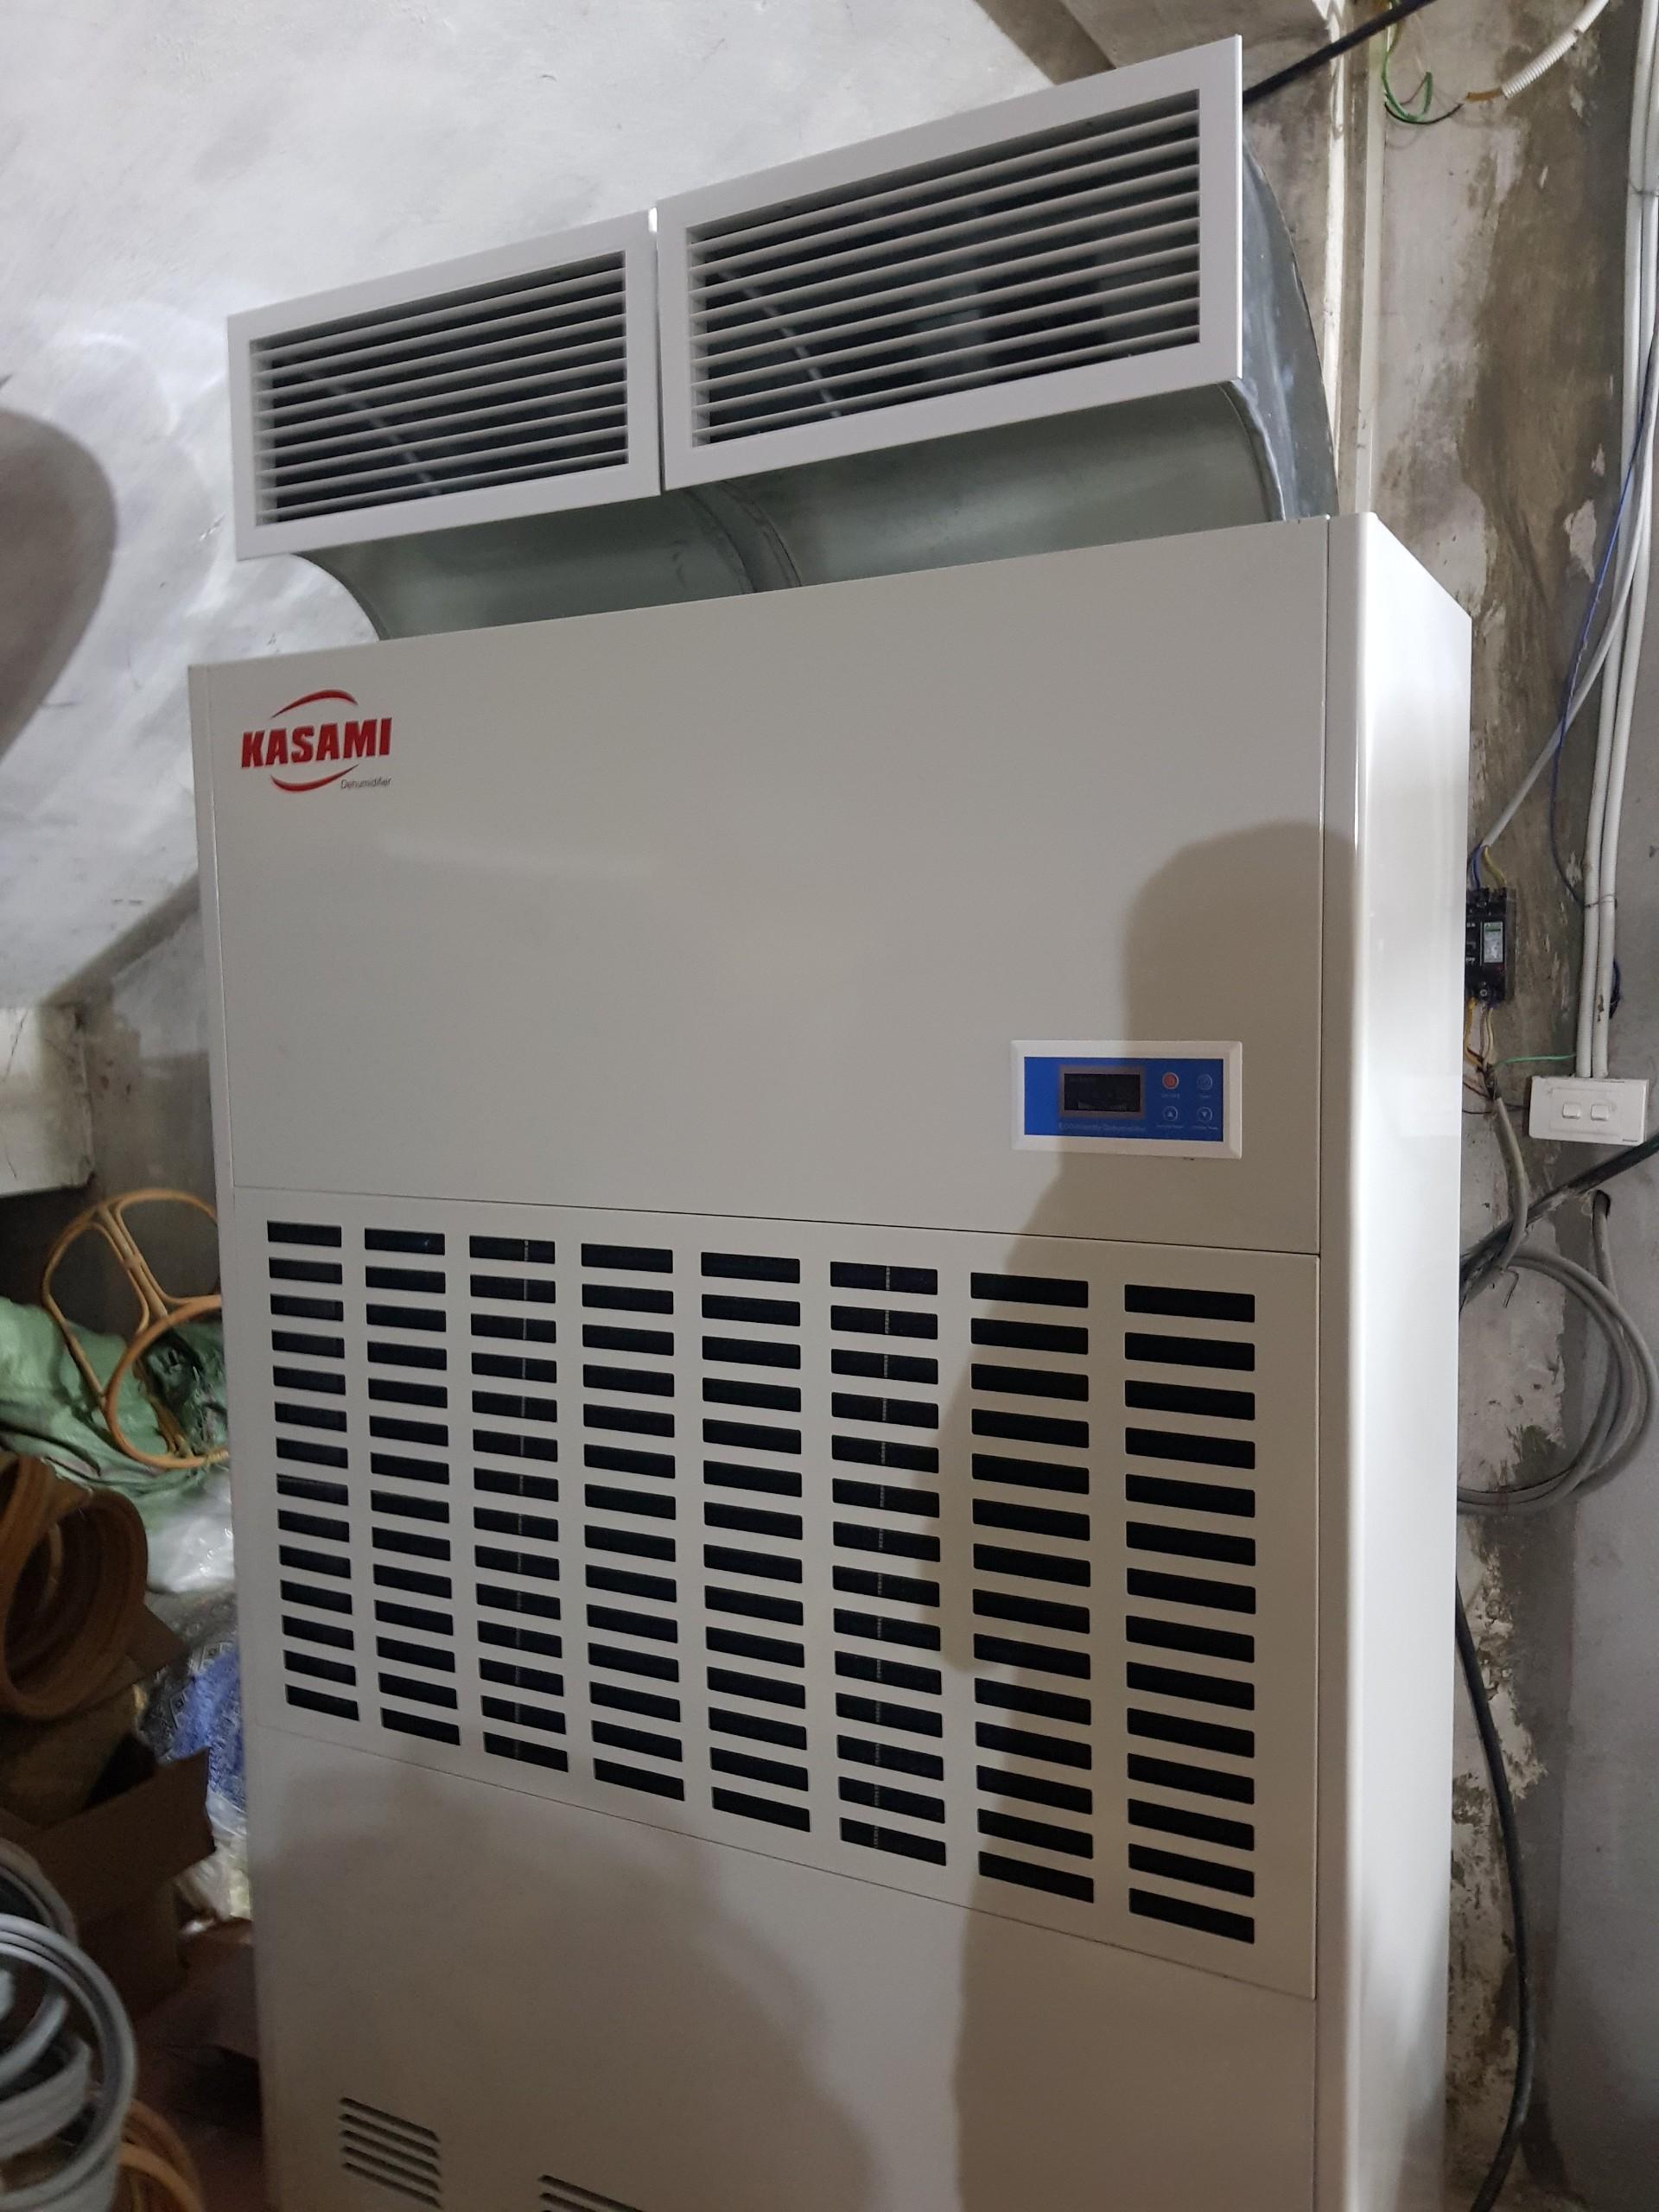 Máy hút ẩm Kasami KD-480 sử dụng sấy